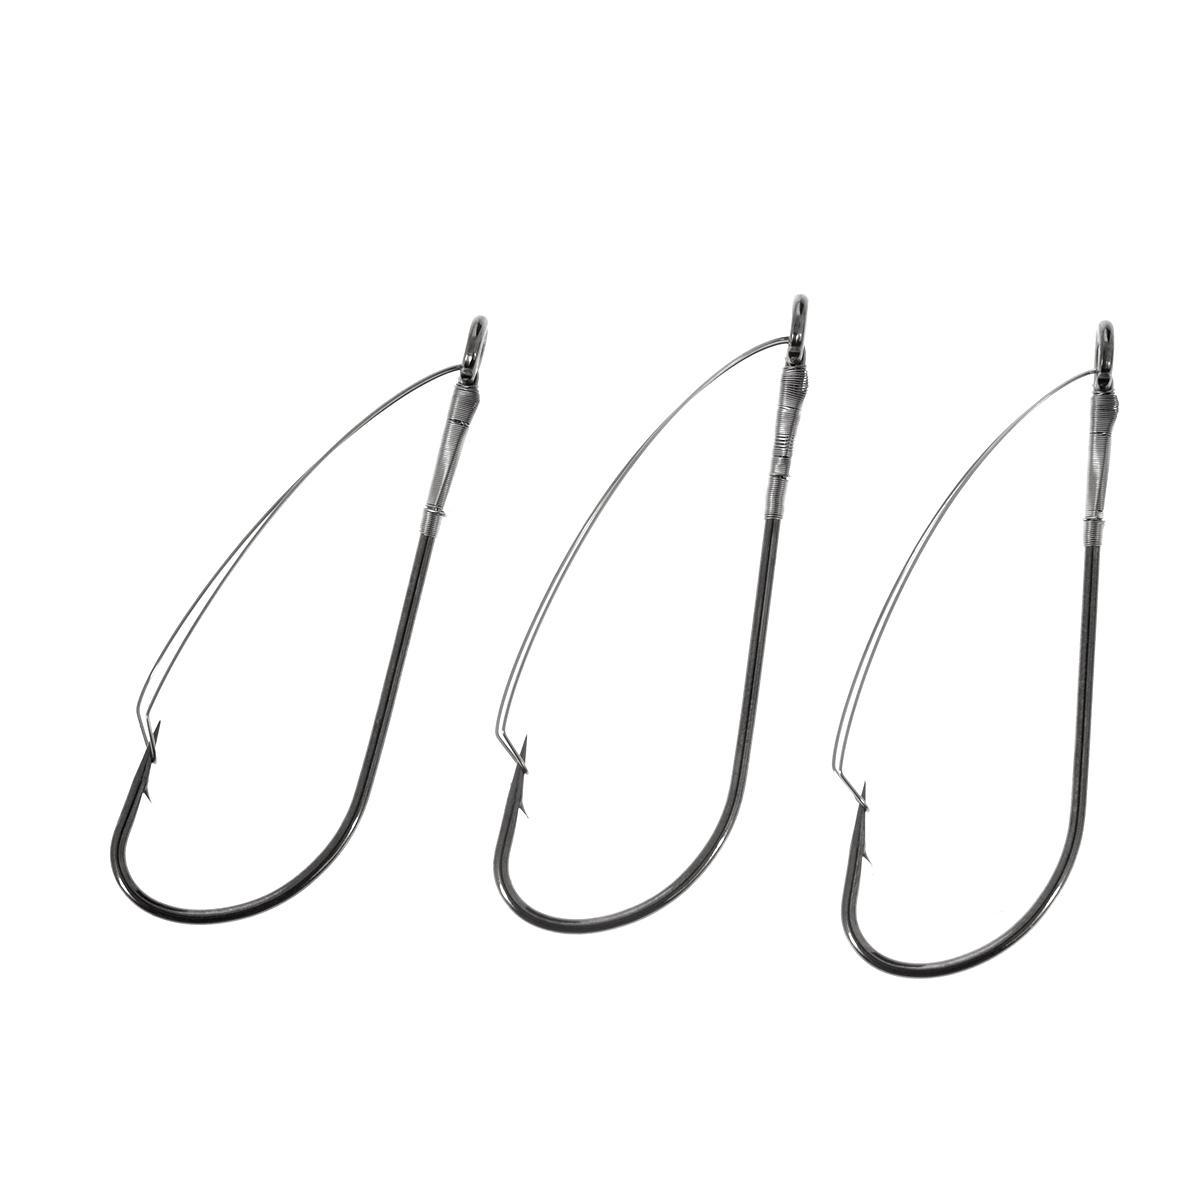 Крючки рыболовные Cobra Weedless, цвет: черный, размер 1, 3 штC075NSB-001Cobra Weedless - серия крючков c проволочной защитой. Идеальный вариант для ловли крупной рыбы в местах, где возможны частые зацепы и потеря приманок - коряжнике, среди водорослей и камней. Широко используются для оснащения блесен, снасточек, пластиковых и других приманок.